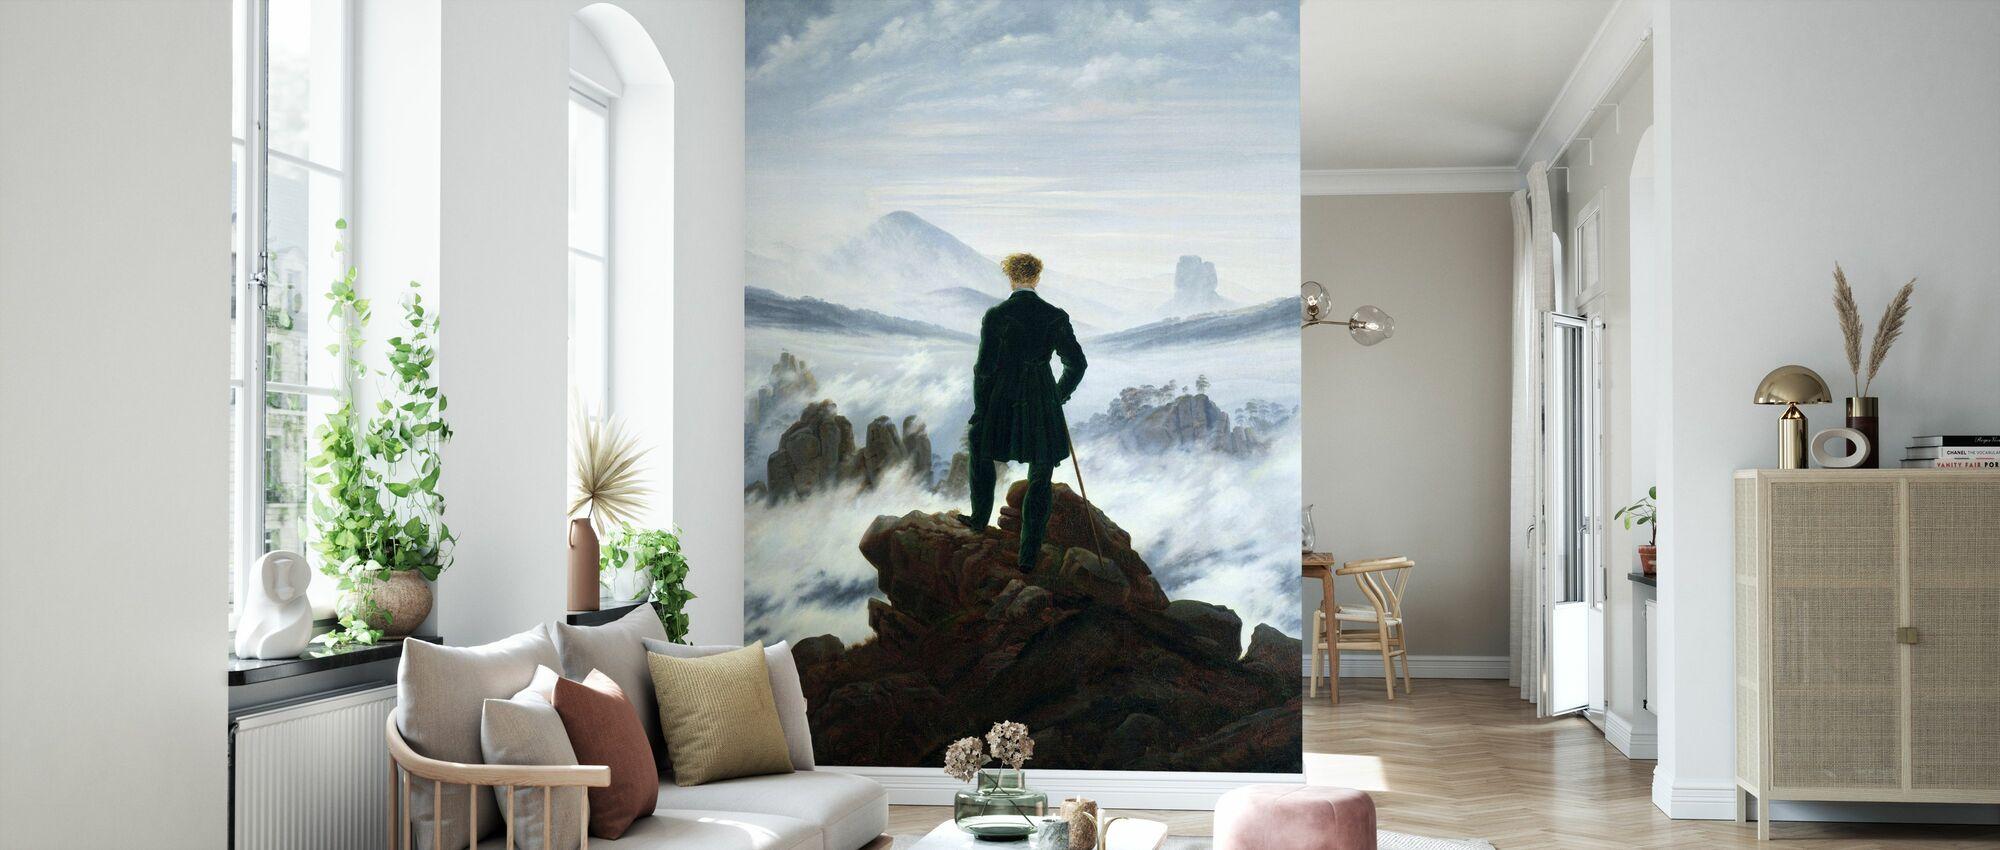 Vandrer over Tåkehavet - Caspar Friedrich - Tapet - Stue